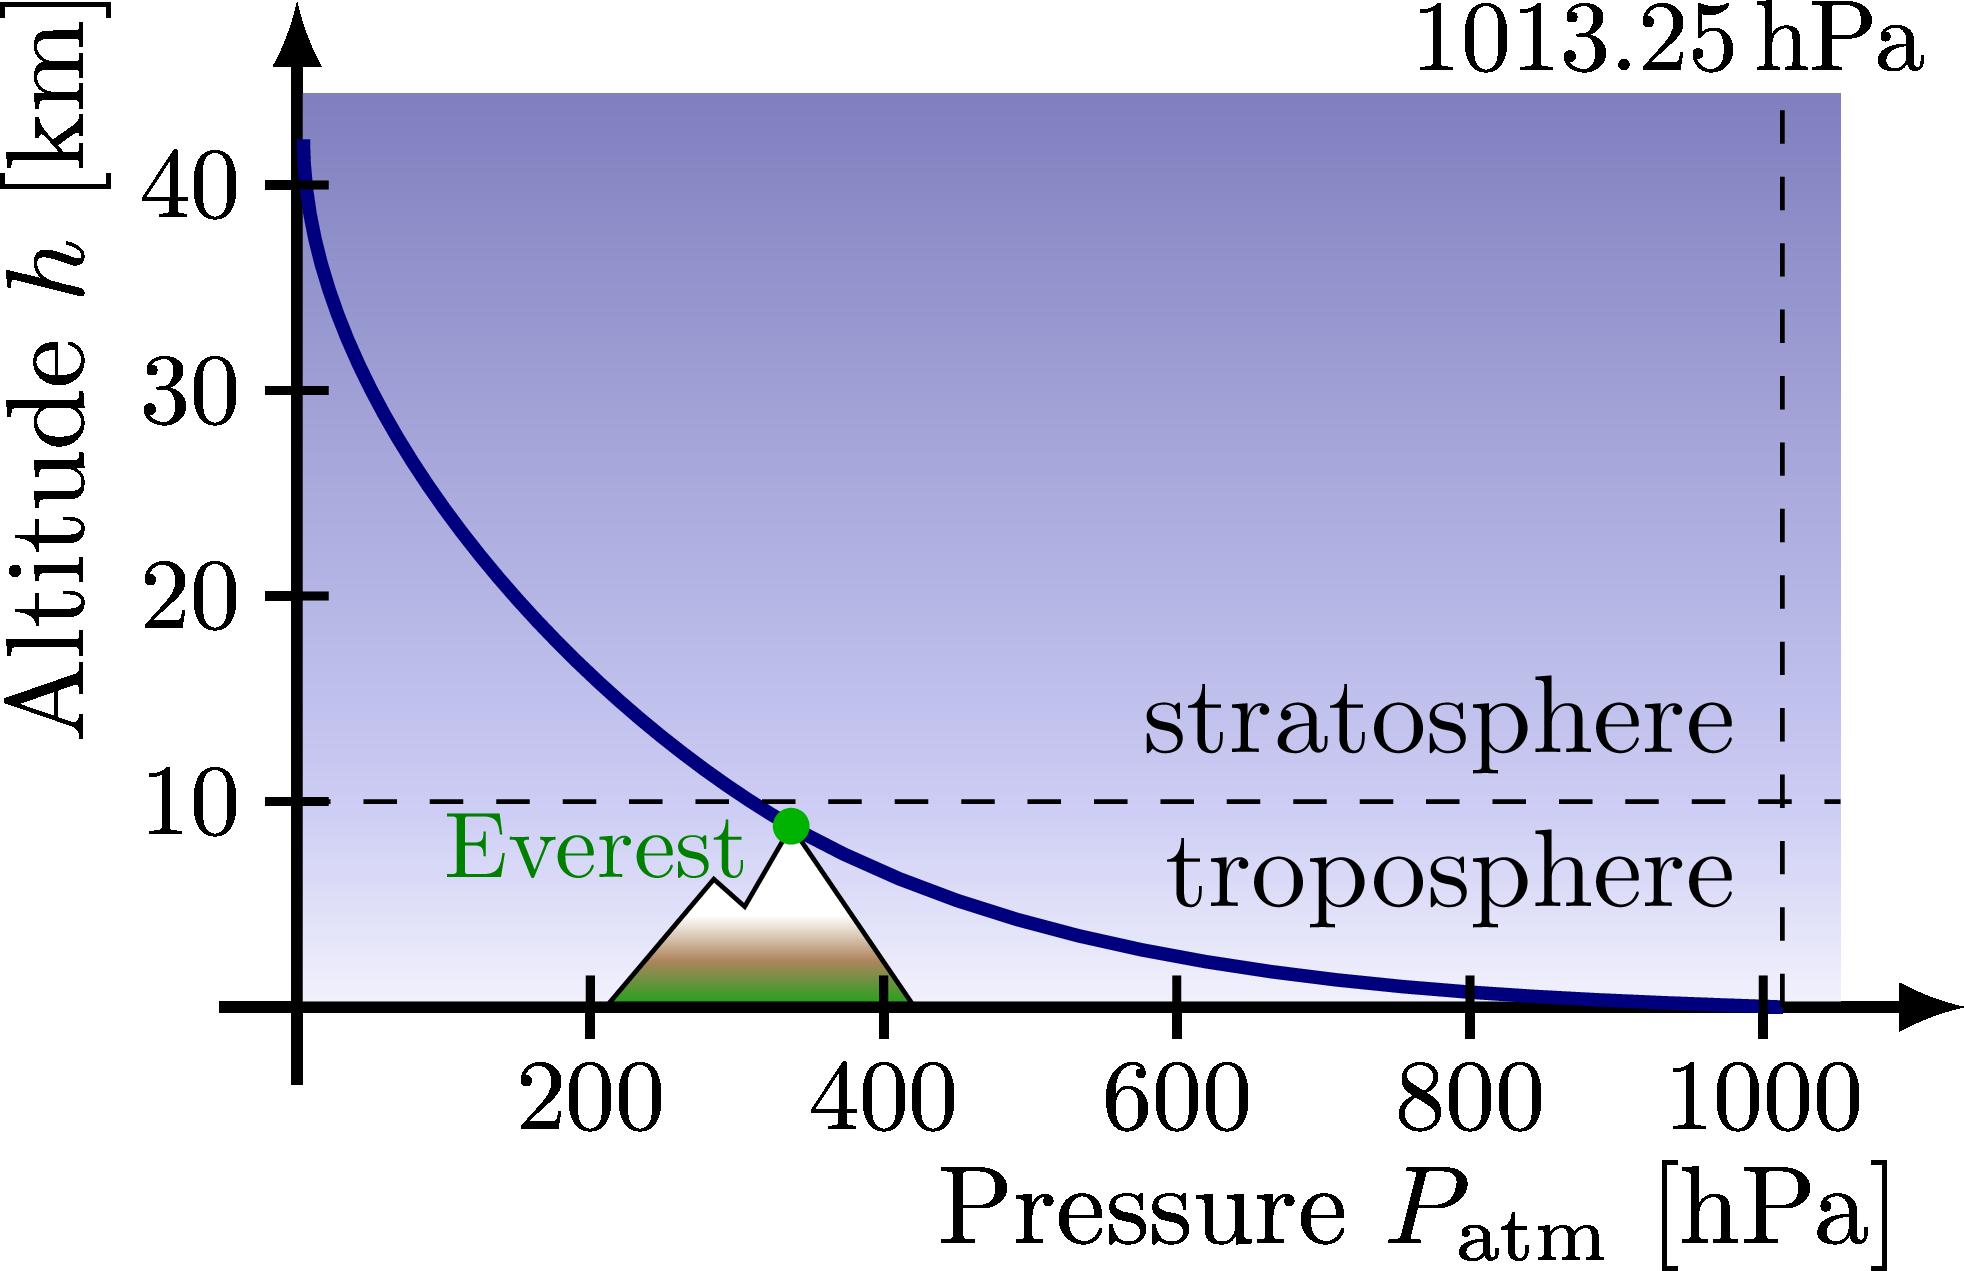 fluid_dynamics_pressure_altitude-001.png